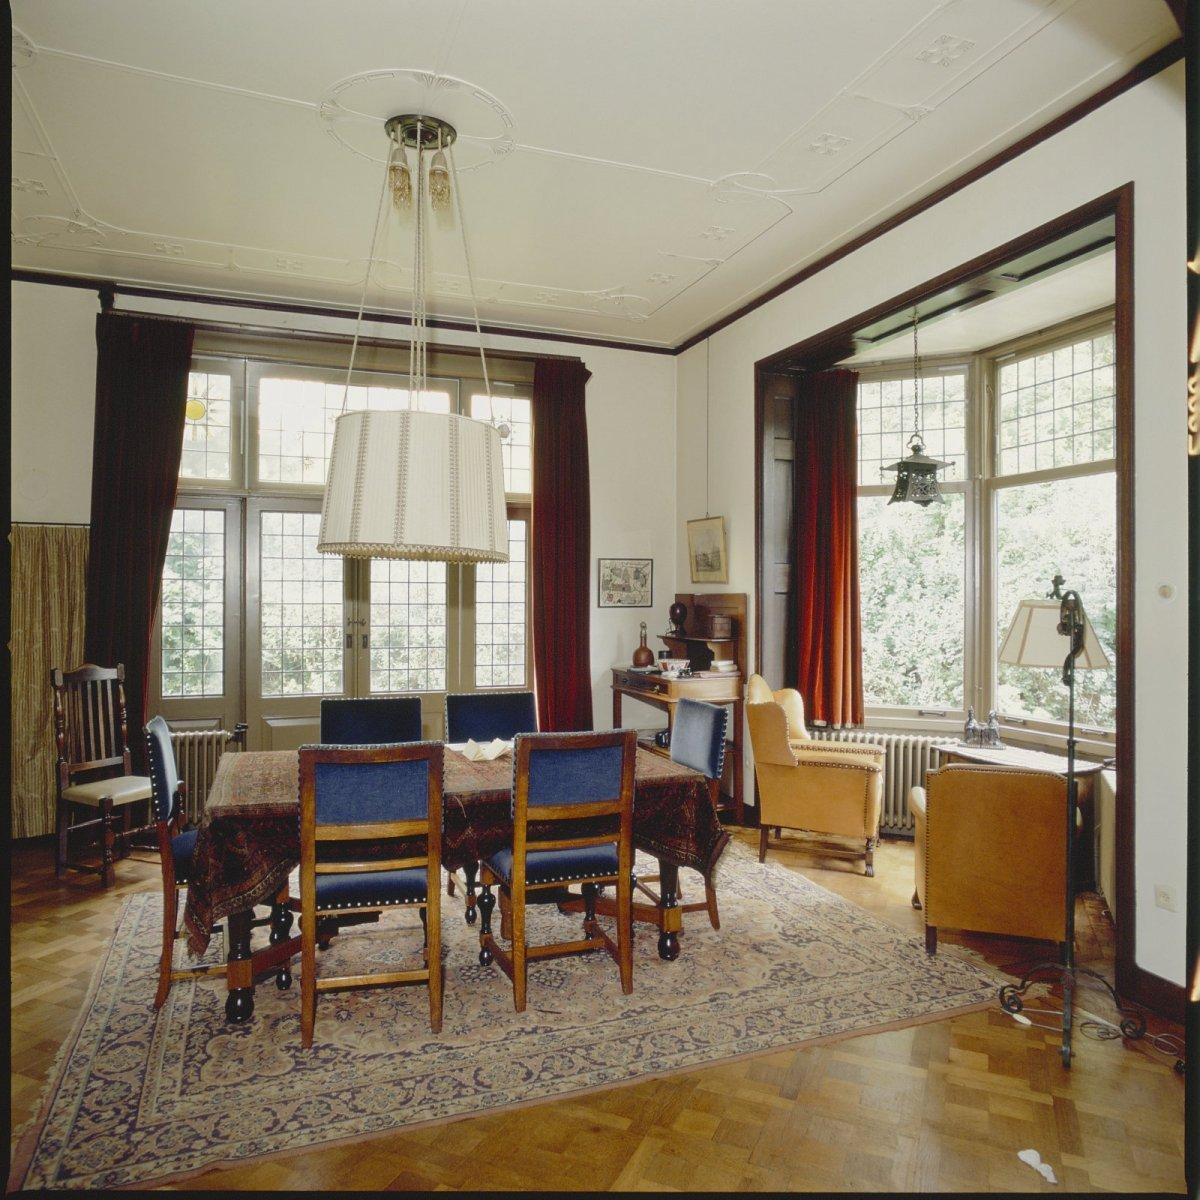 Eetkamer interieur: eetkamer idee?n interieur insider.